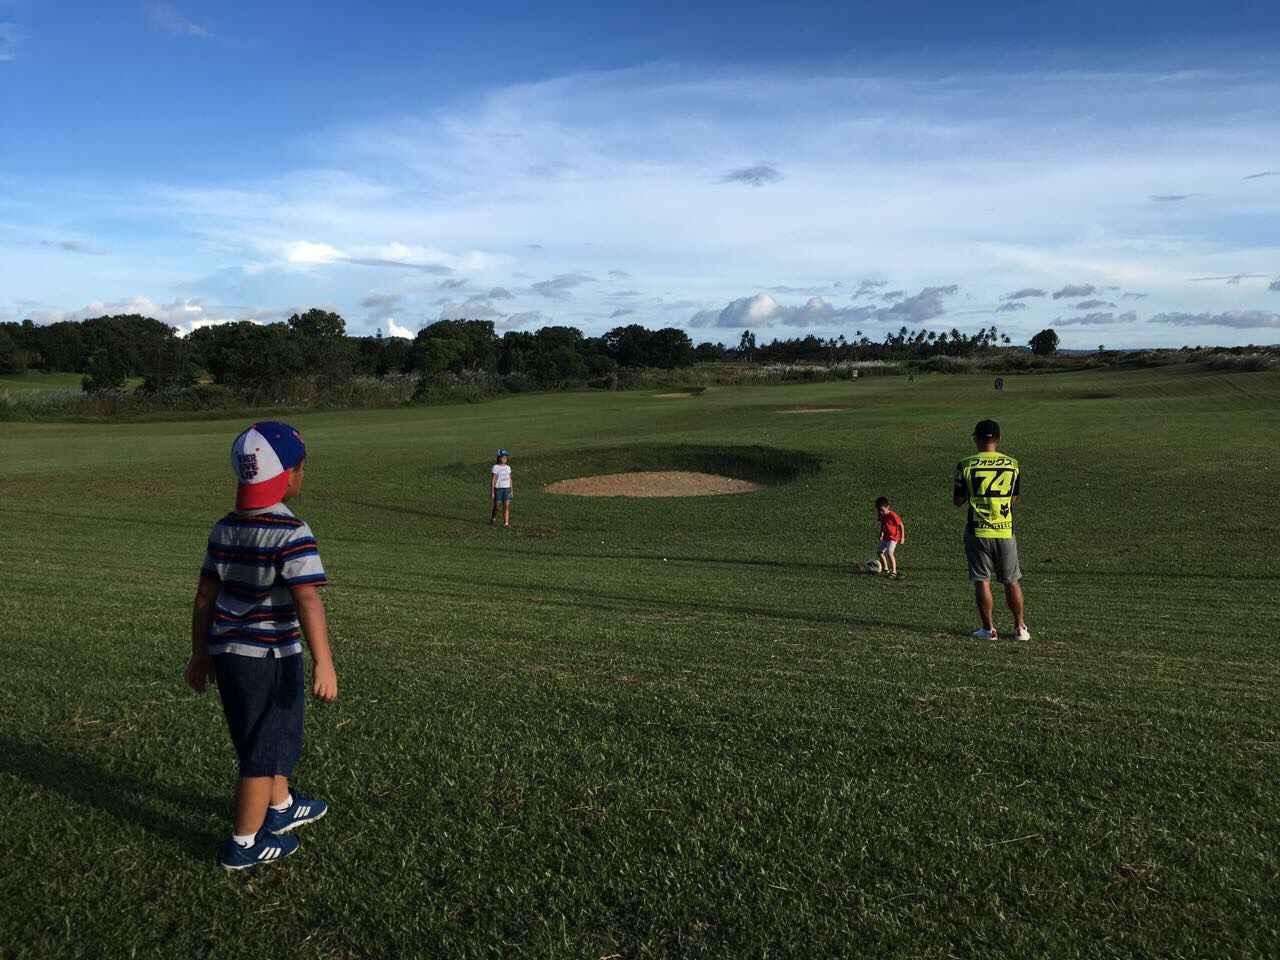 Caliraya_Springs_Golf_Fishing_Tournament-01.jpg